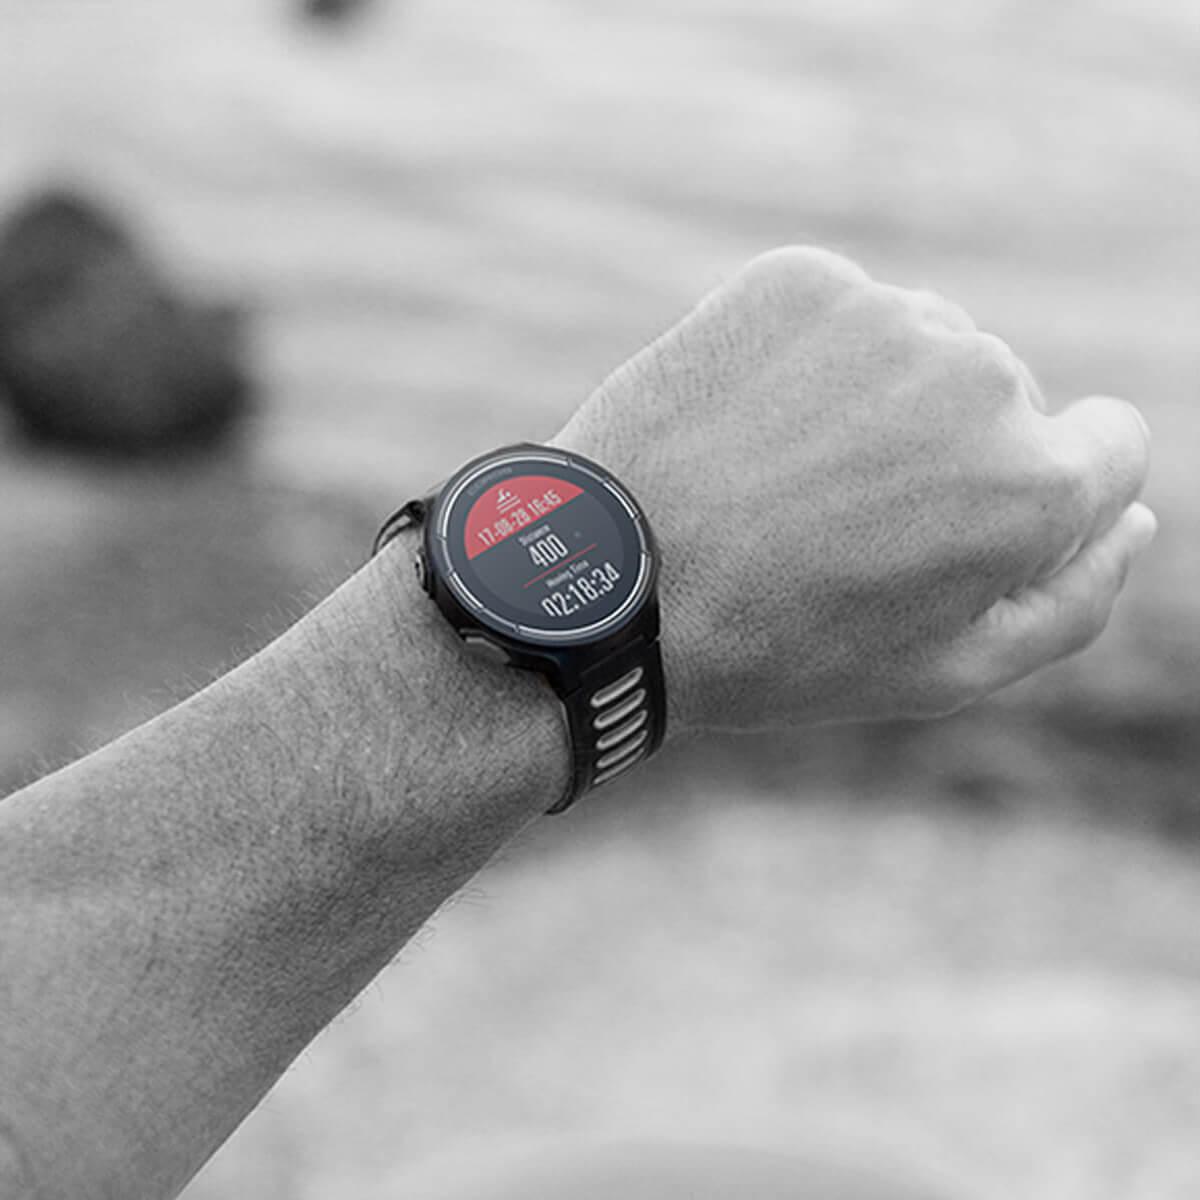 COROS PACE Multisport GPS Watch, coros heart rate, smartwatch coros malaysia, coros jam, coros running, coros hiking, coros ptt outdoor, jam tangan coros, coros murah, coros free shipping